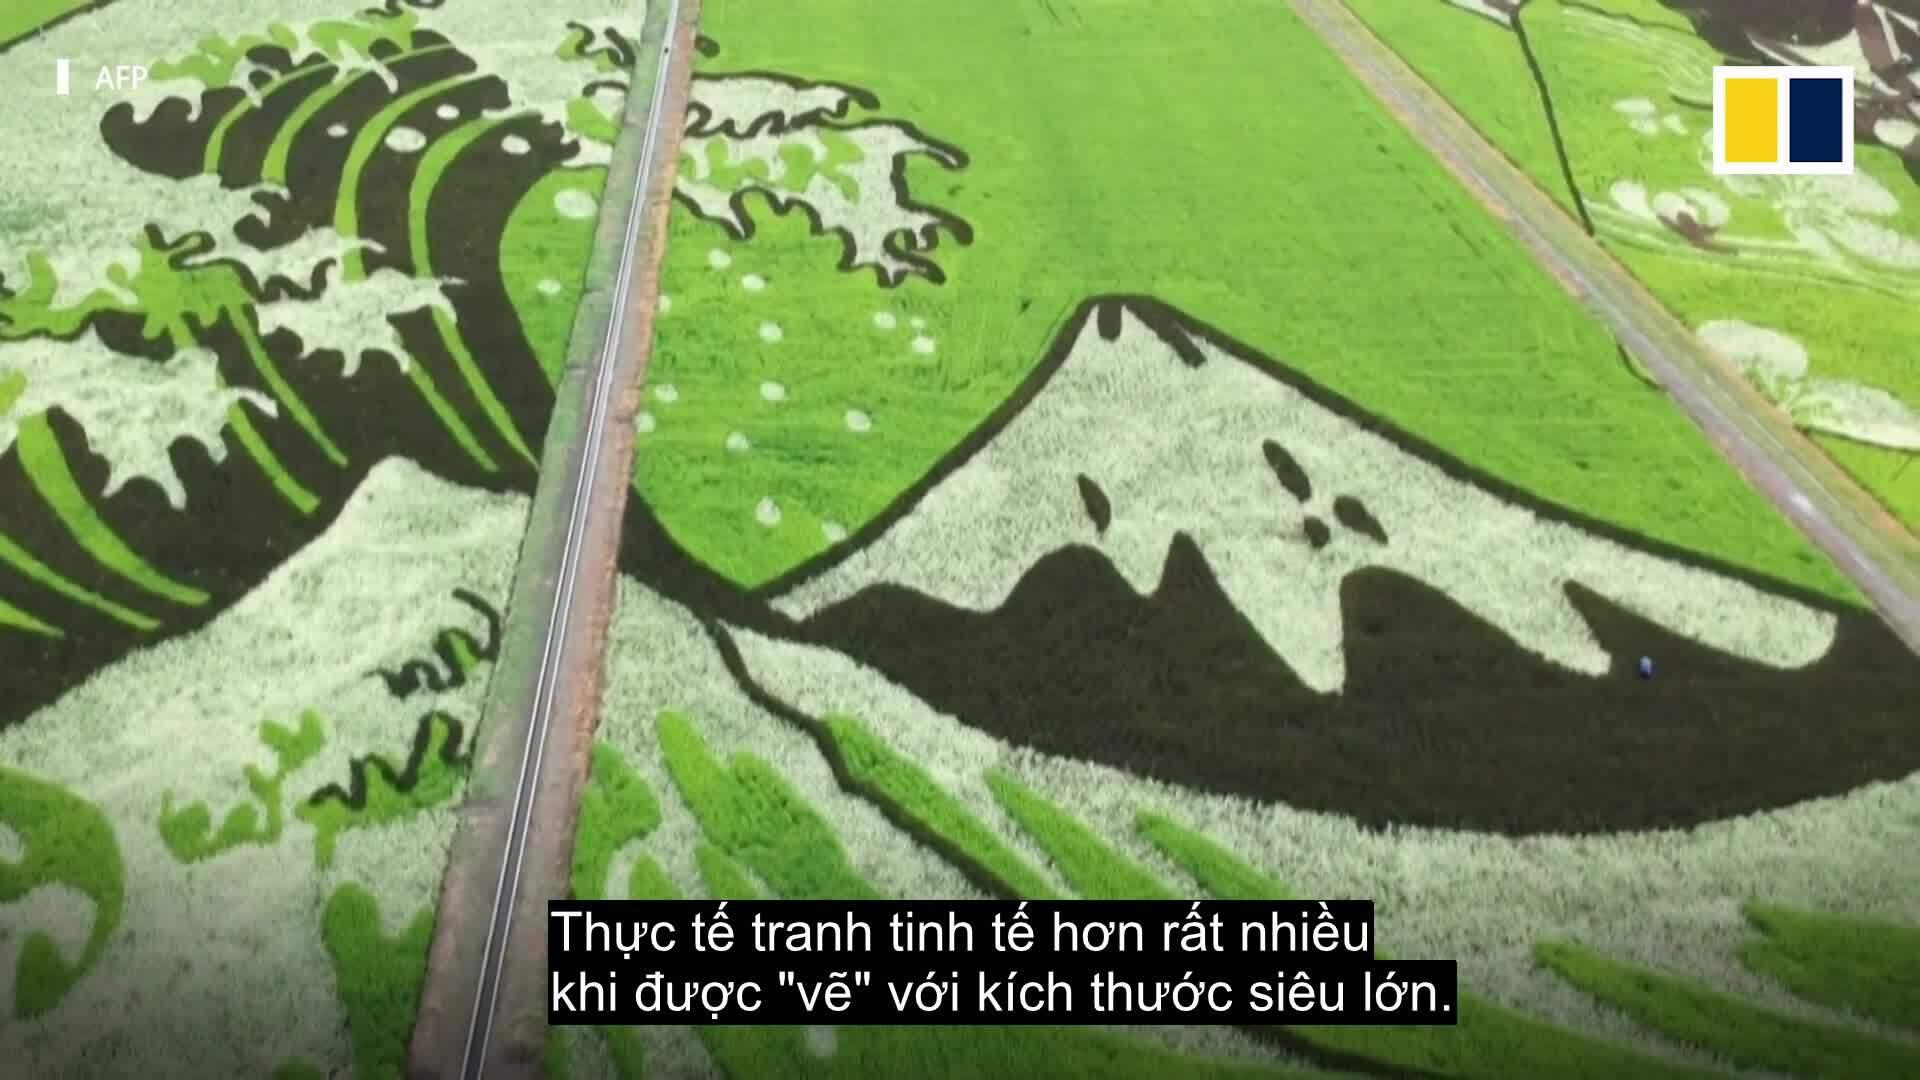 Chiêm ngưỡng kiệt tác vẽ trên đồng lúa Nhật Bản